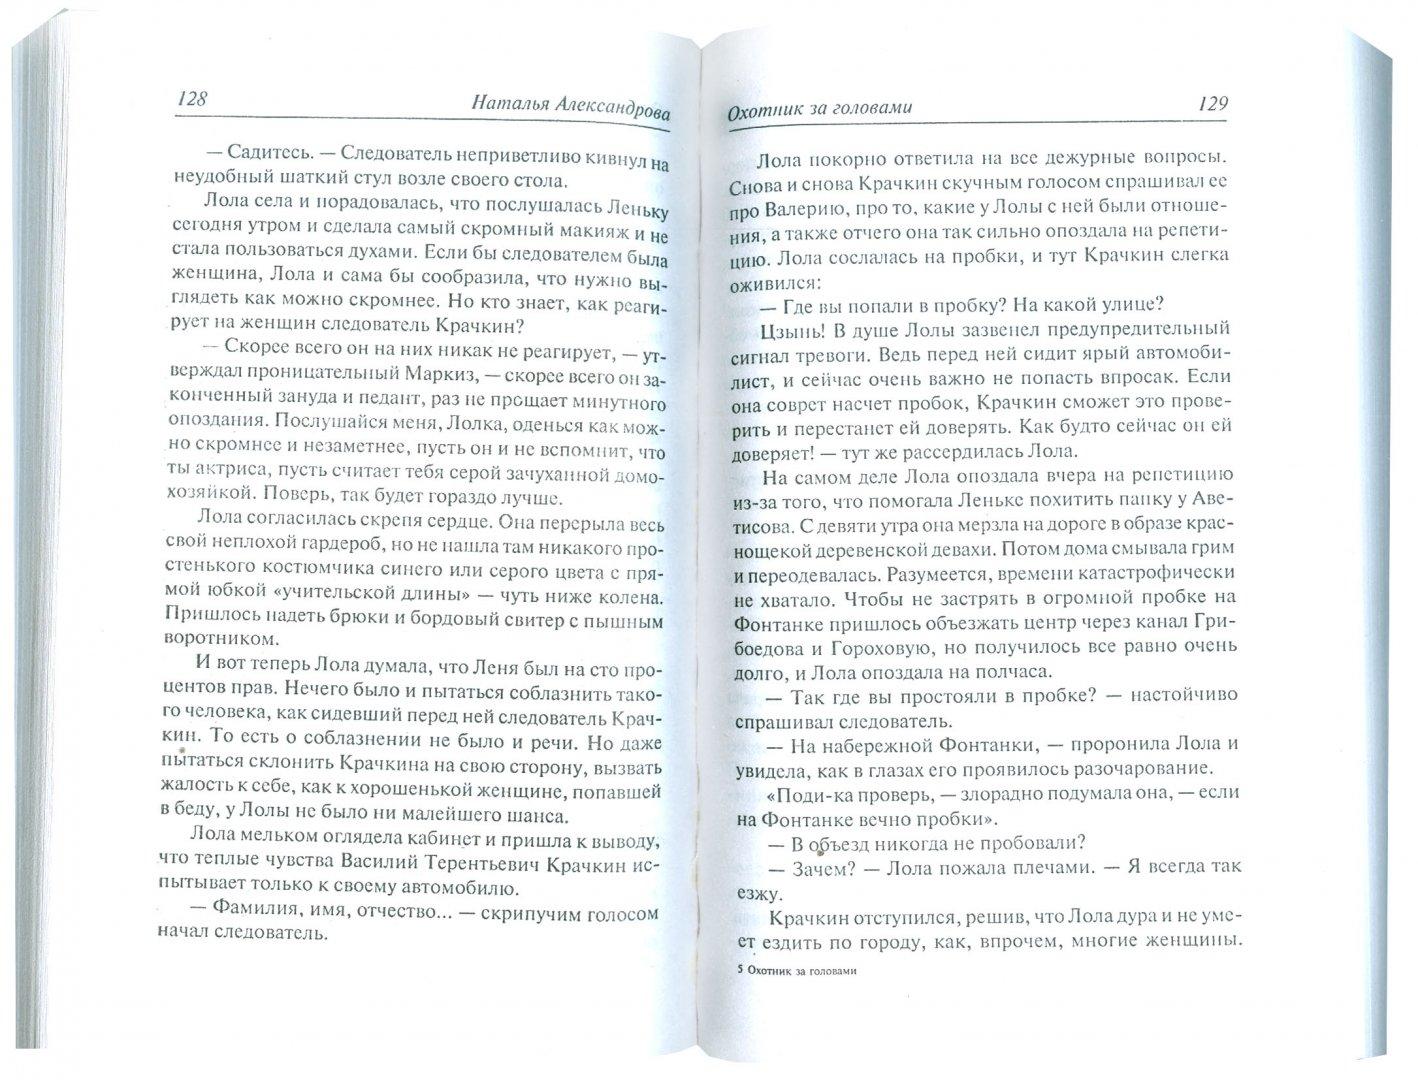 Иллюстрация 1 из 2 для Охотник за головами - Наталья Александрова   Лабиринт - книги. Источник: Лабиринт